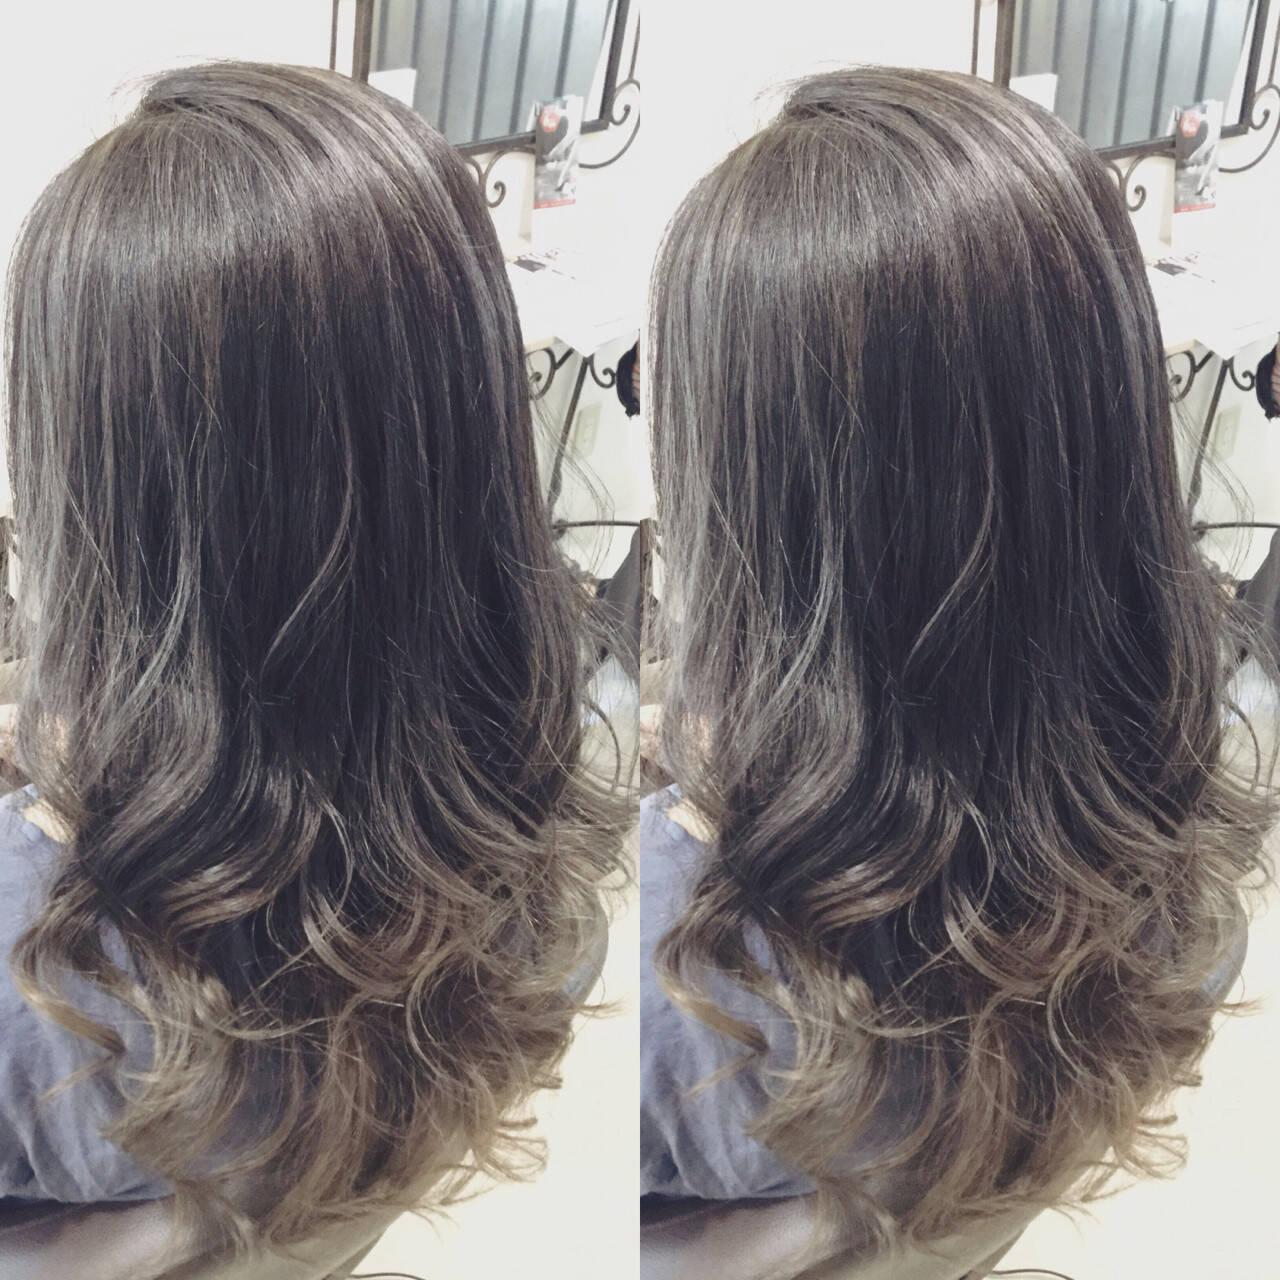 モード アッシュ 外国人風 グラデーションカラーヘアスタイルや髪型の写真・画像